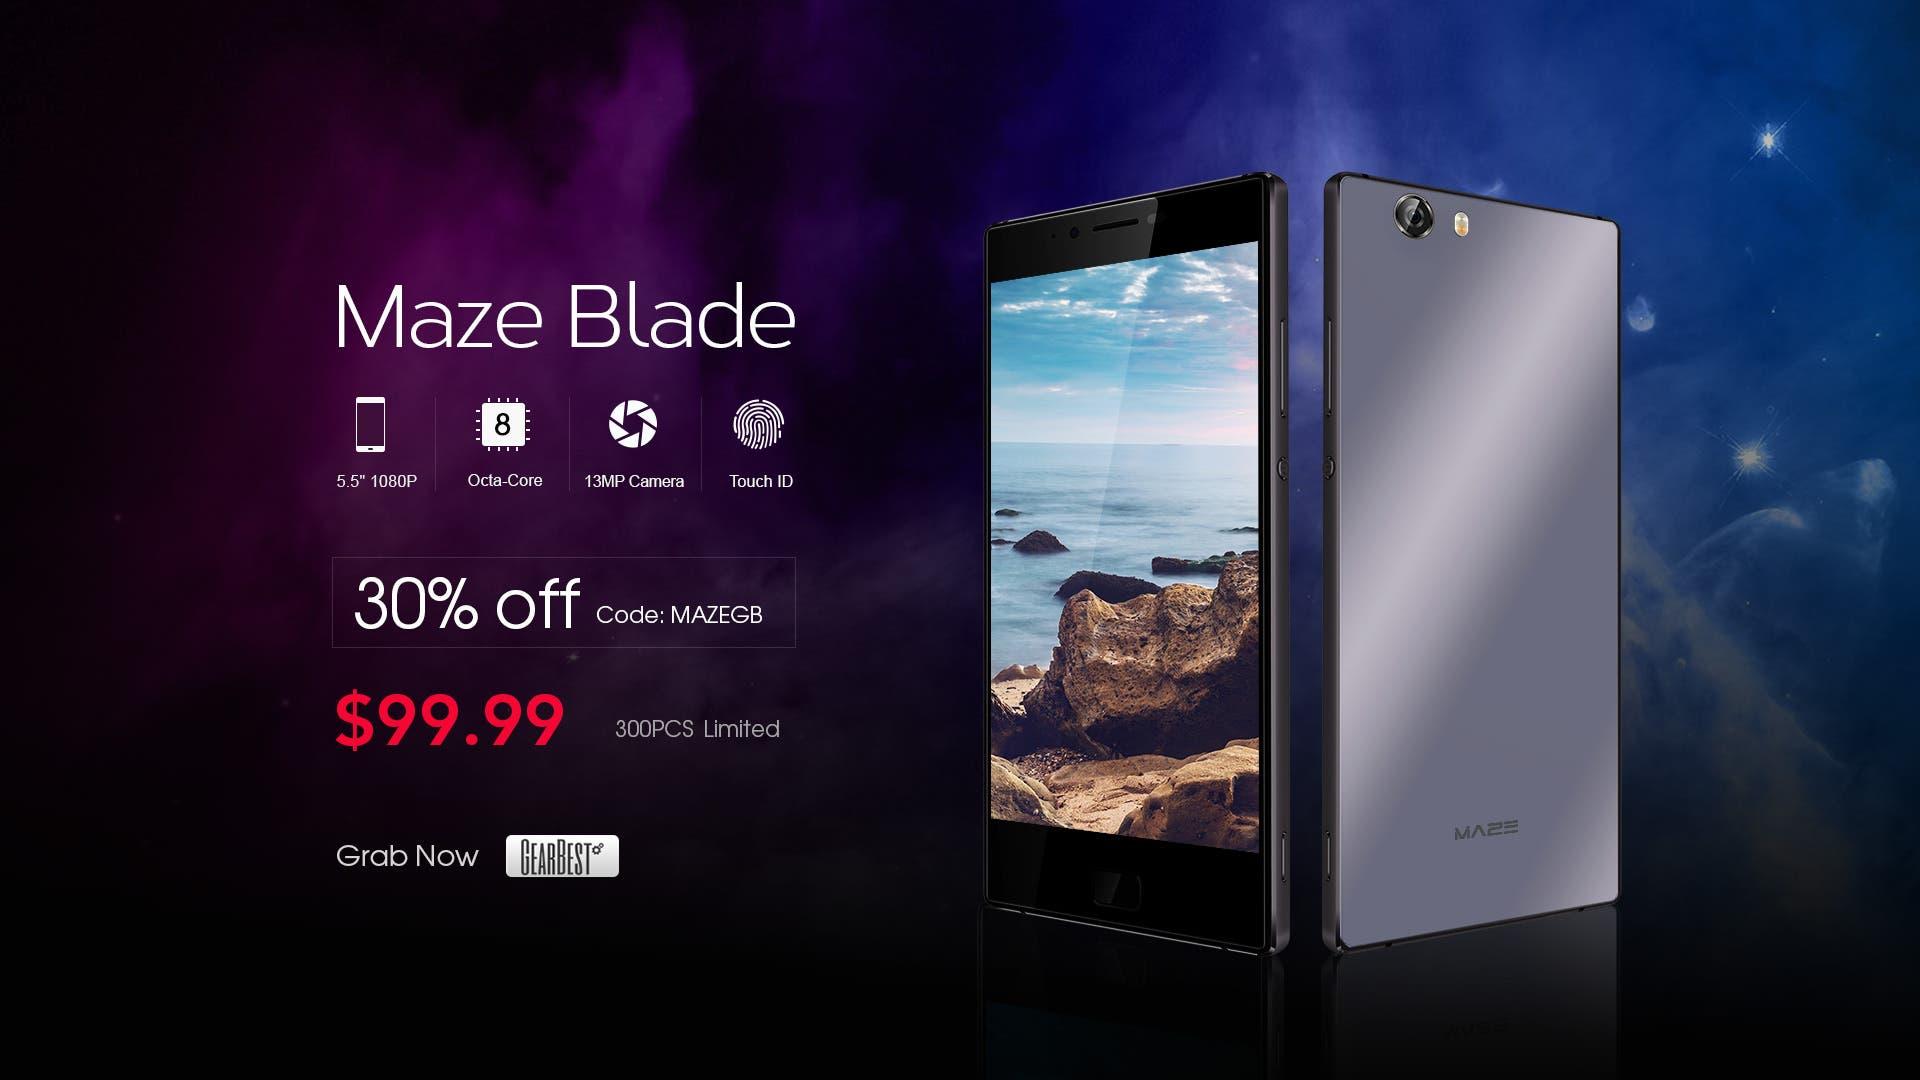 Maze Blade